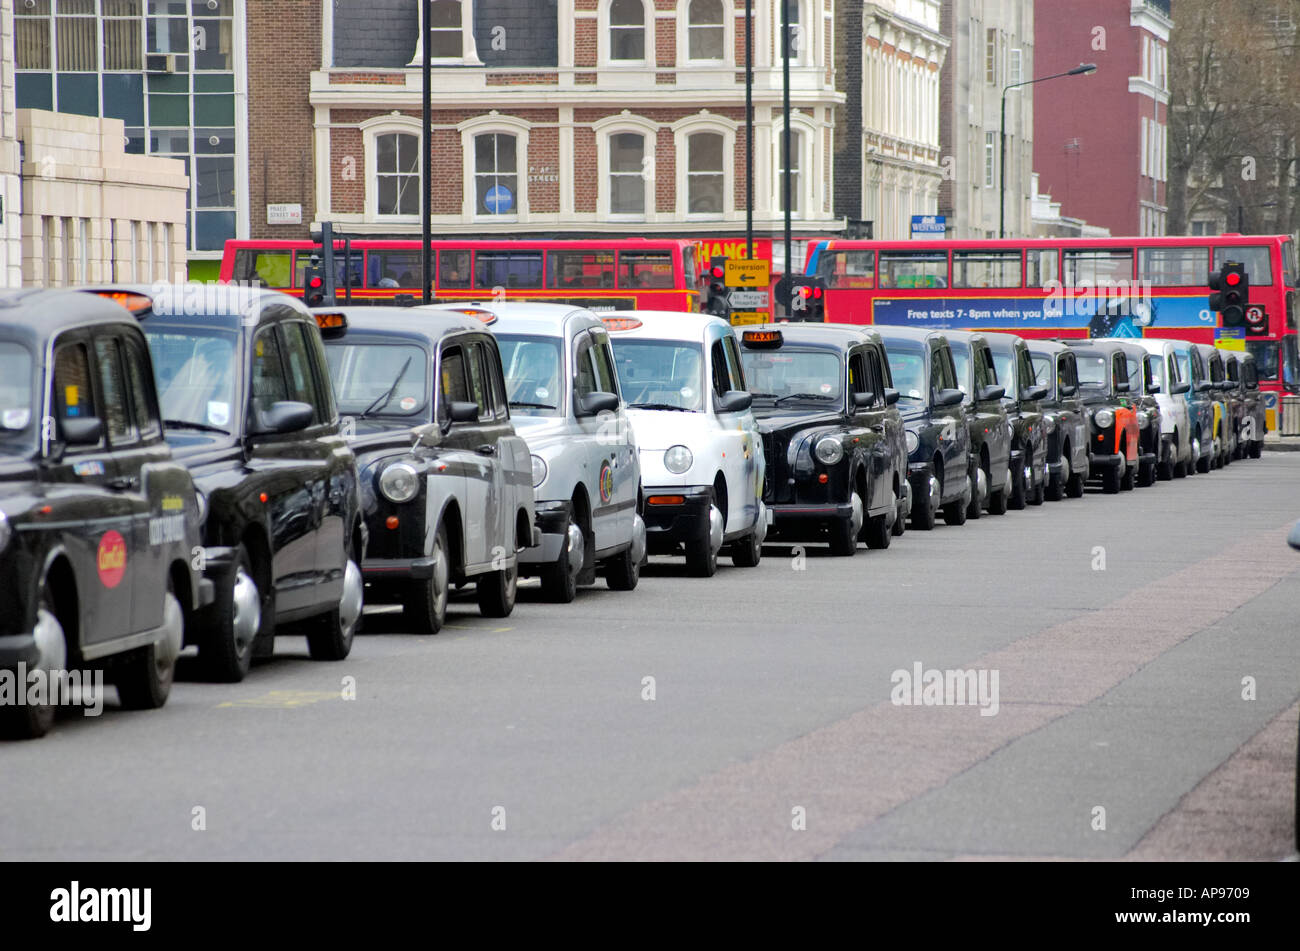 London taxi taxis taxi noir Photo Stock